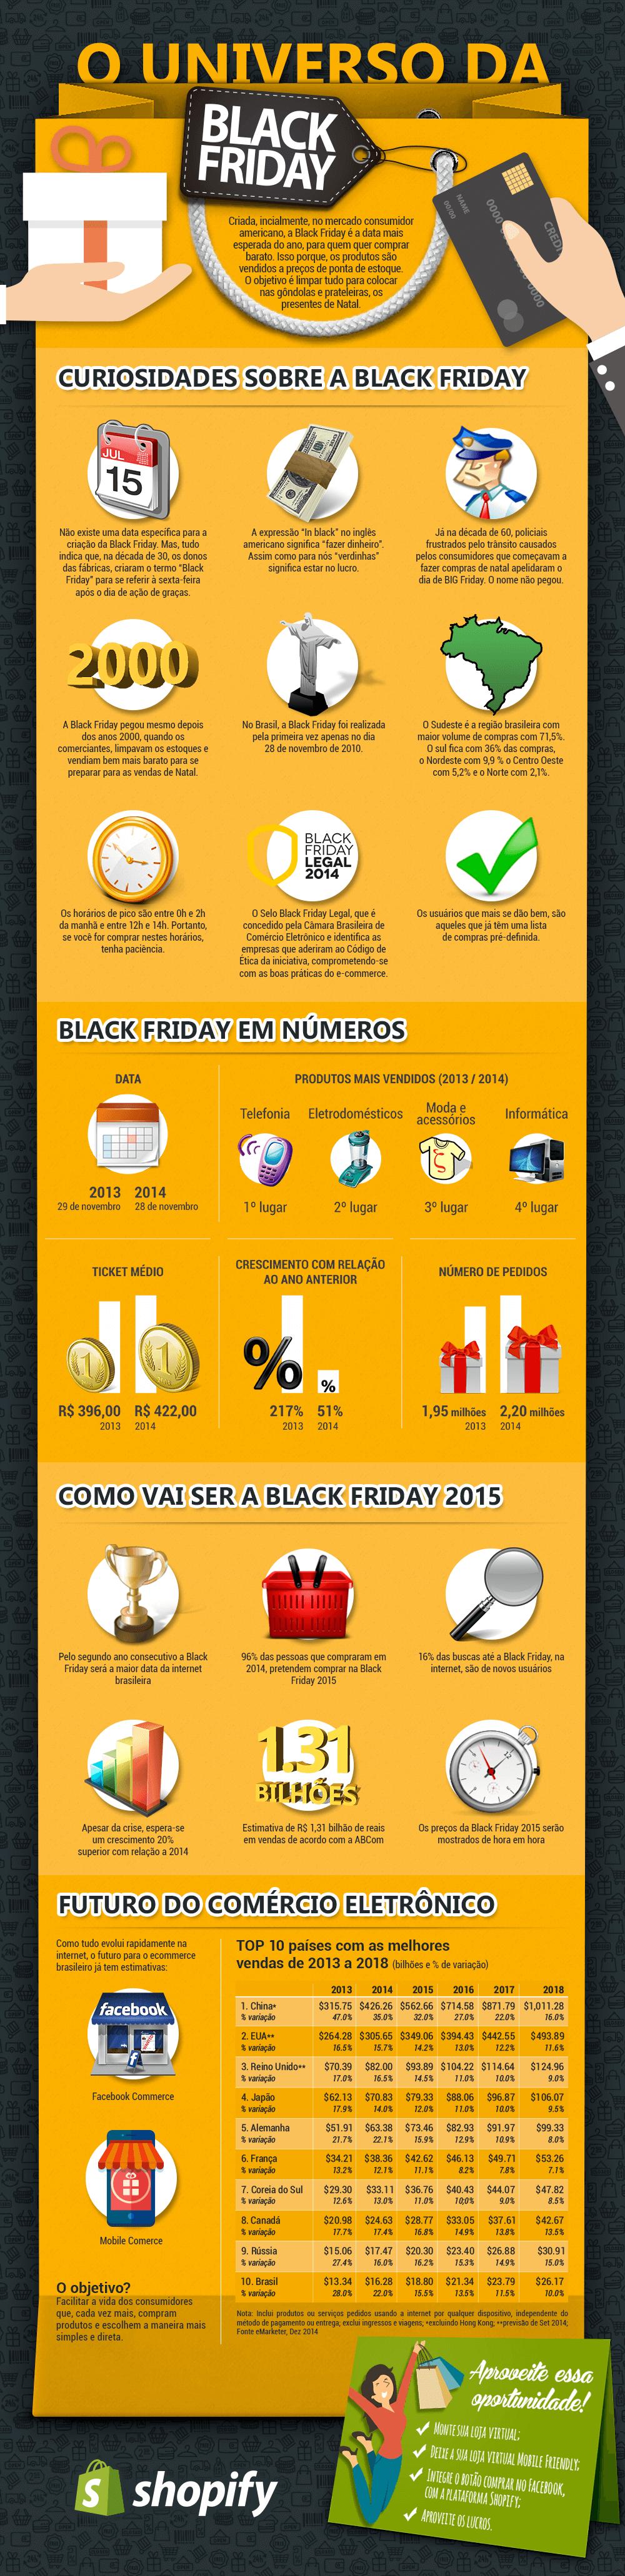 Curiosidades sobre a Black Friday pelo mundo